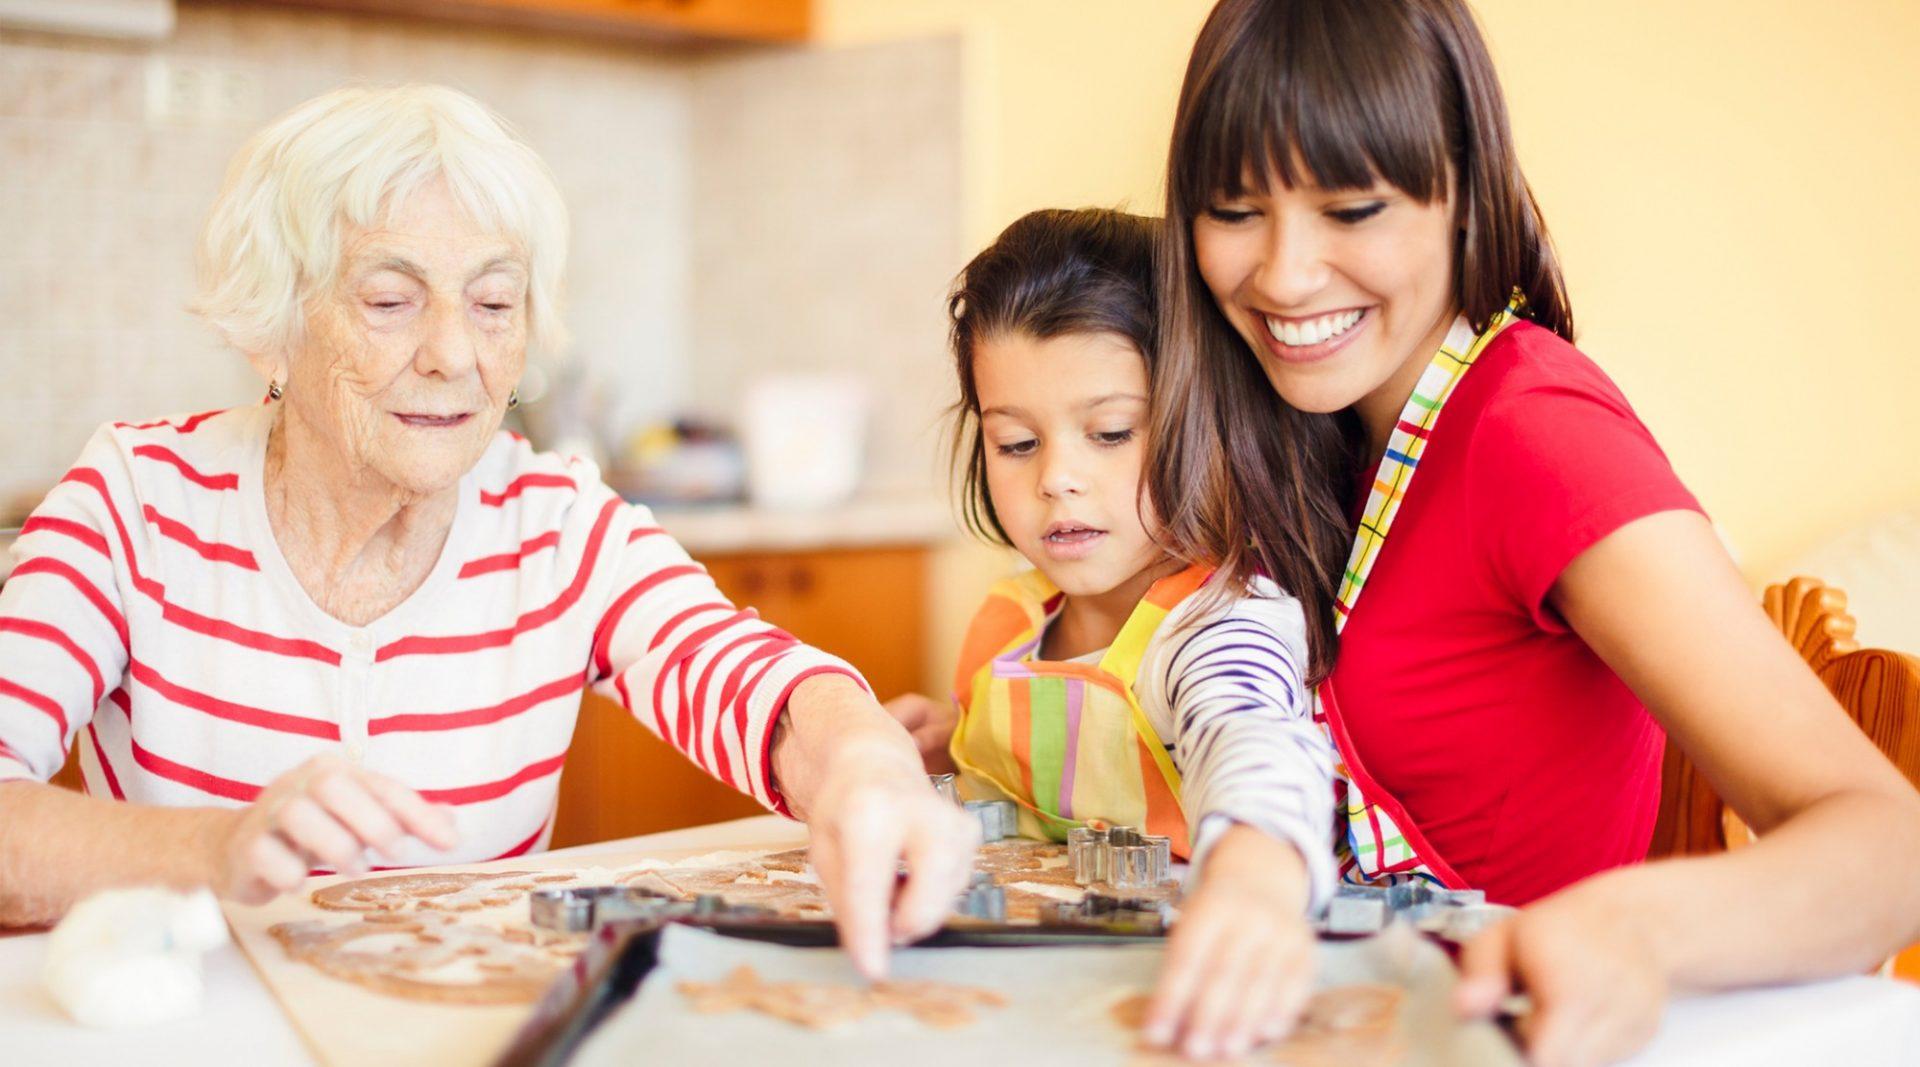 Phong thủy phòng bếp giúp điều hòa quan hệ mẹ chồng nàng dâu